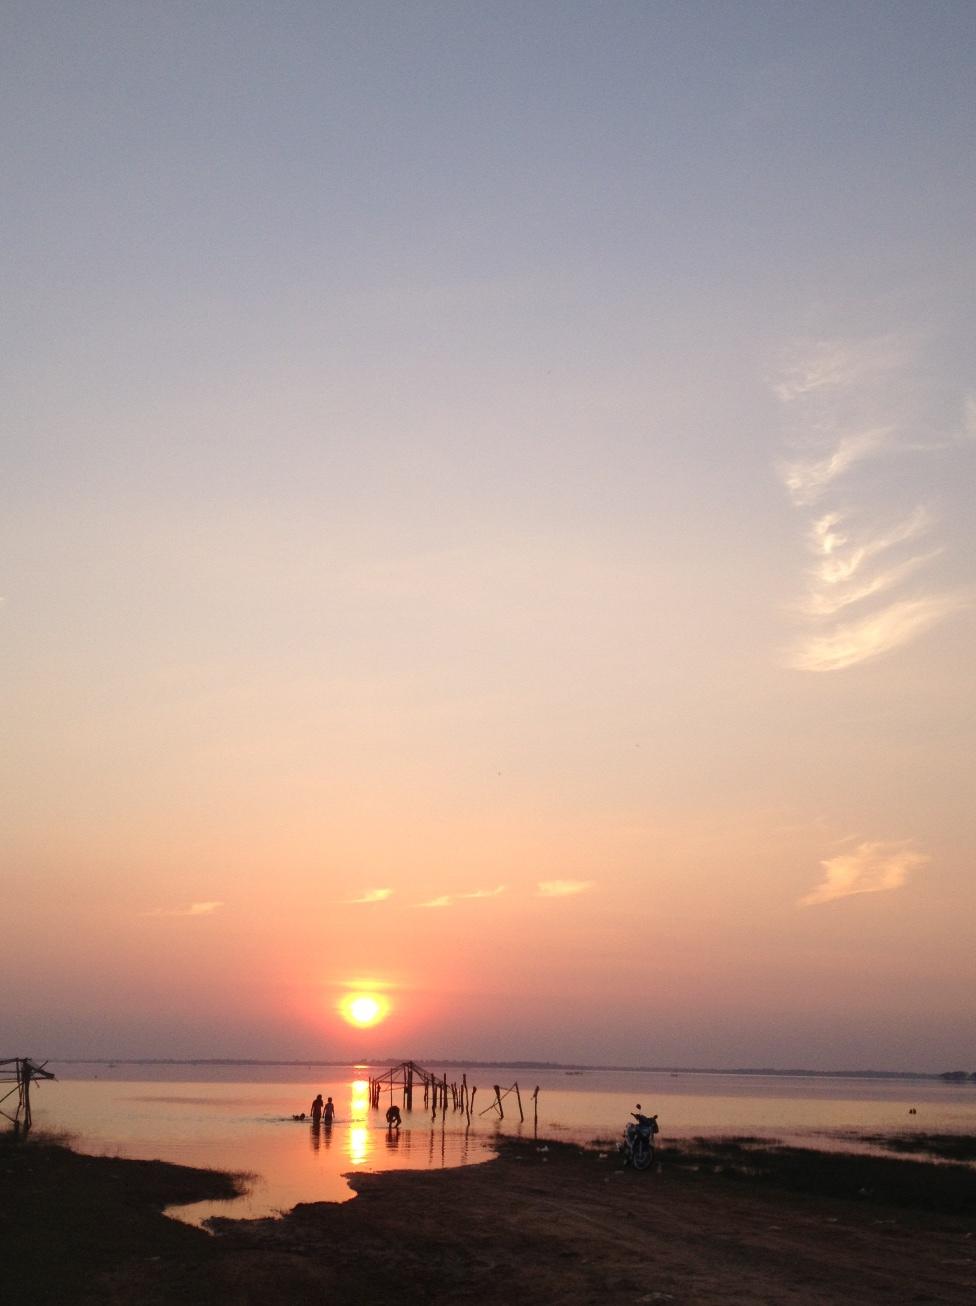 พระอาทิตย์ตกเขื่อนสิรินธร